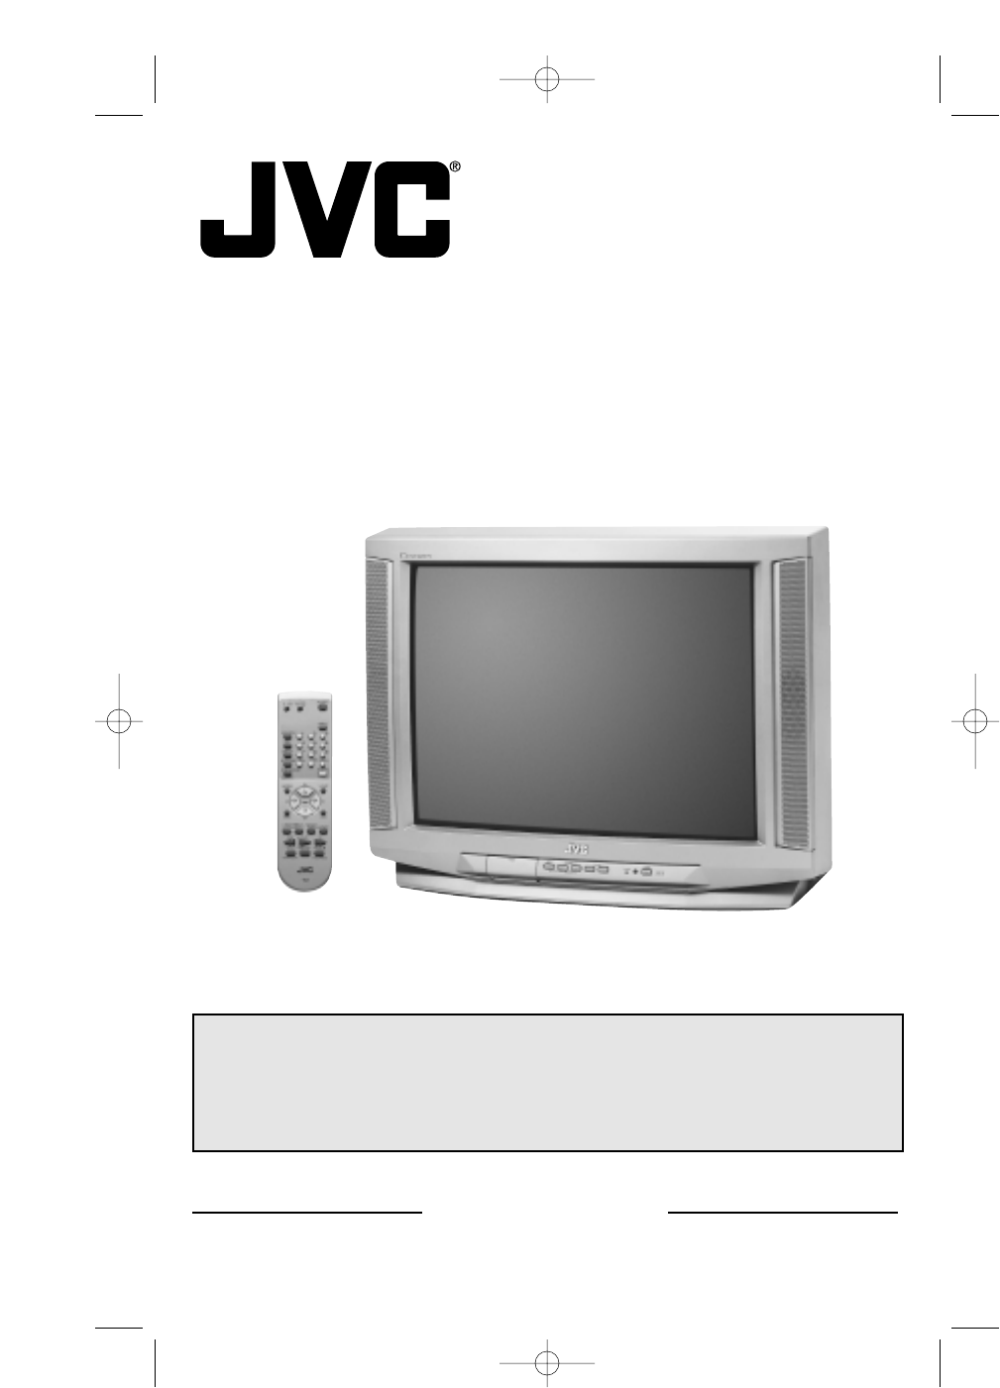 medium resolution of circuit diagram jvc tv